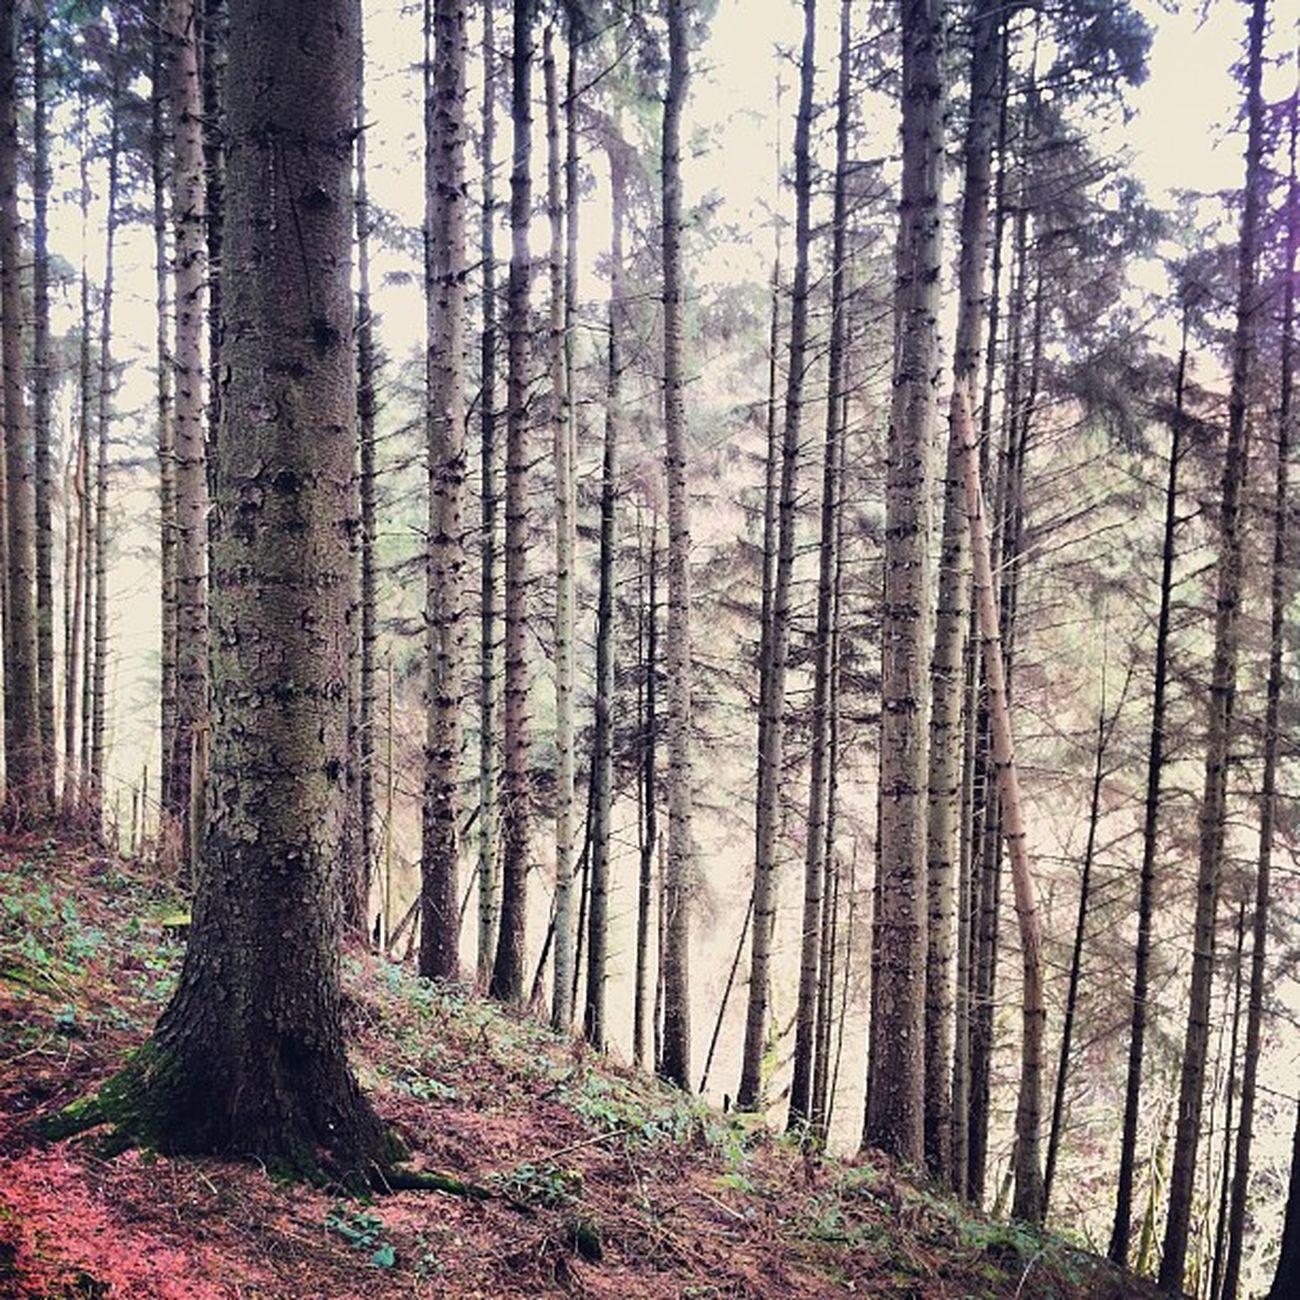 Sutton Bank woodland #suttonbank #northyorkshire #beautifulbritain #instagood #instagram #iphoneography IPhoneography Instagram Instagood Instagramhub Suttonbank Northyorkshire Beautifulbritain